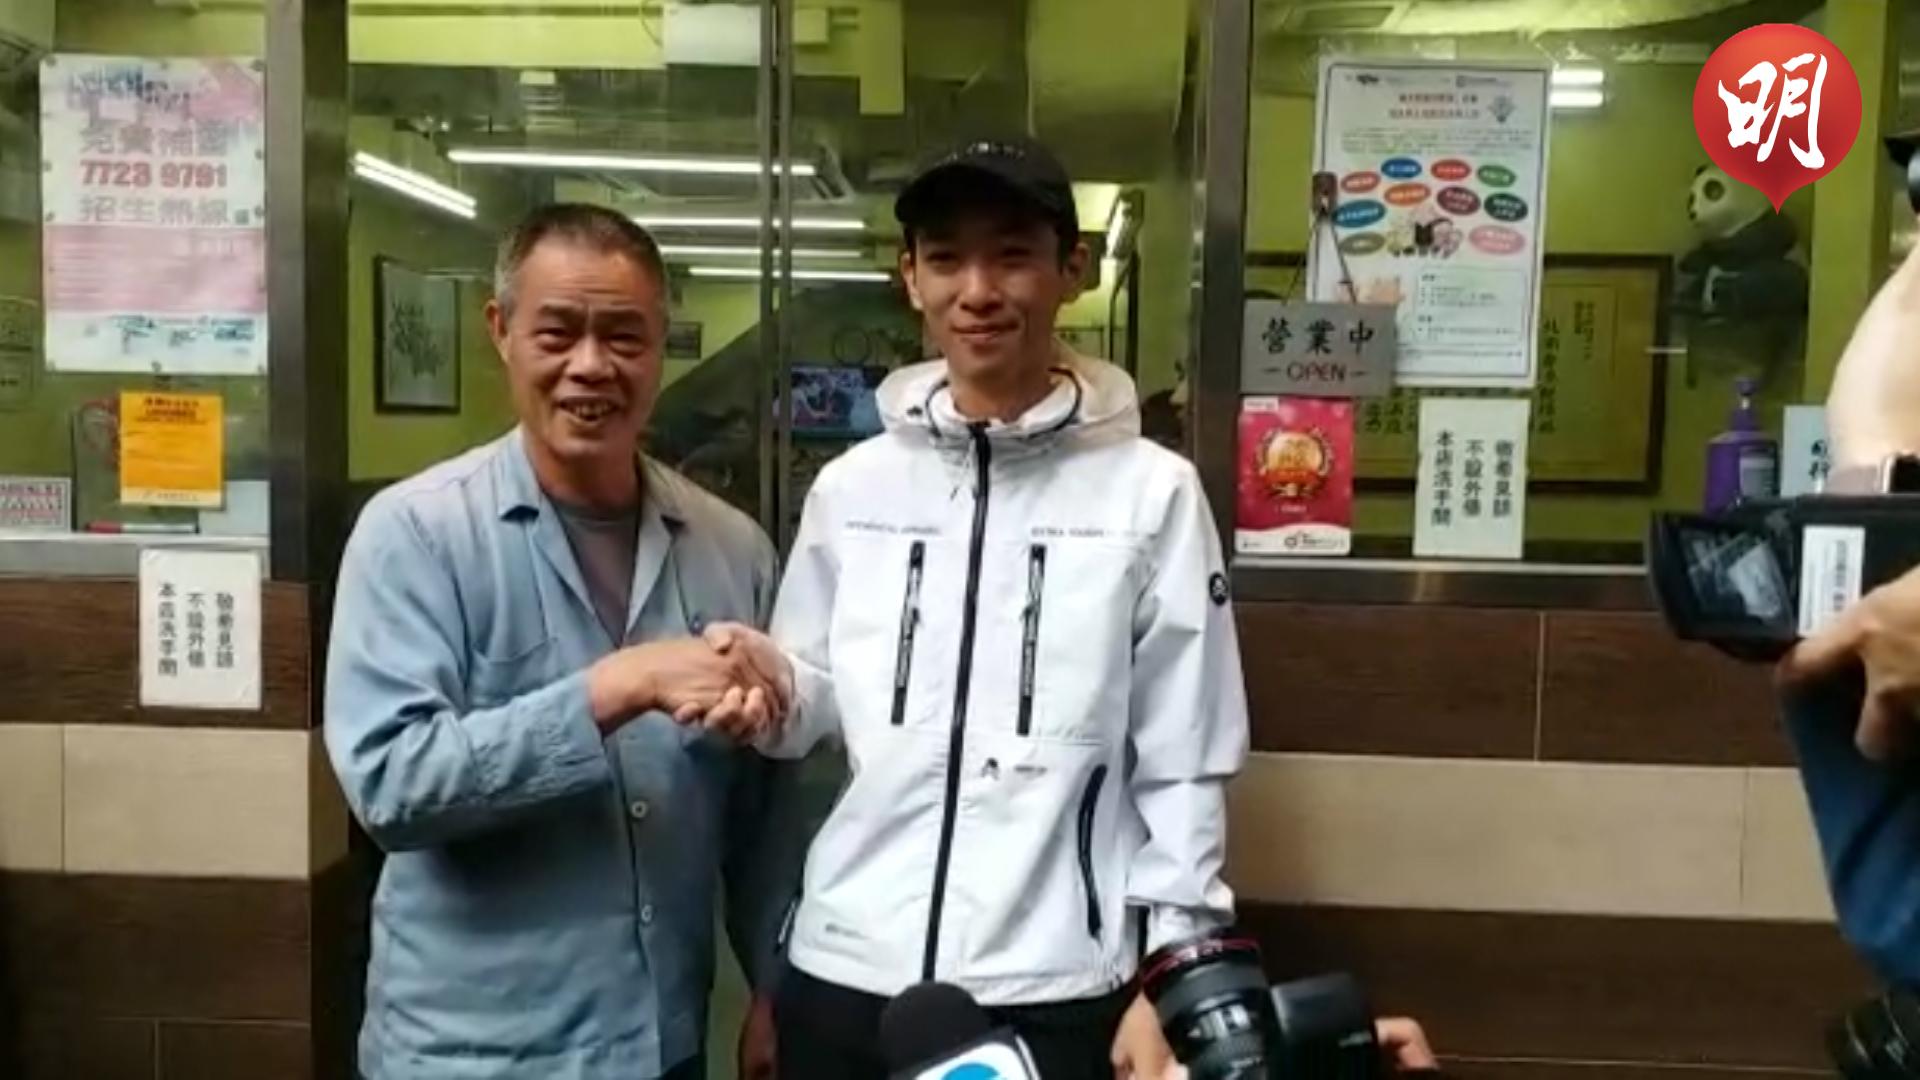 【短片】「幣少爺」往明哥飯店購9.2萬元飯票 拒回應撒錢行動